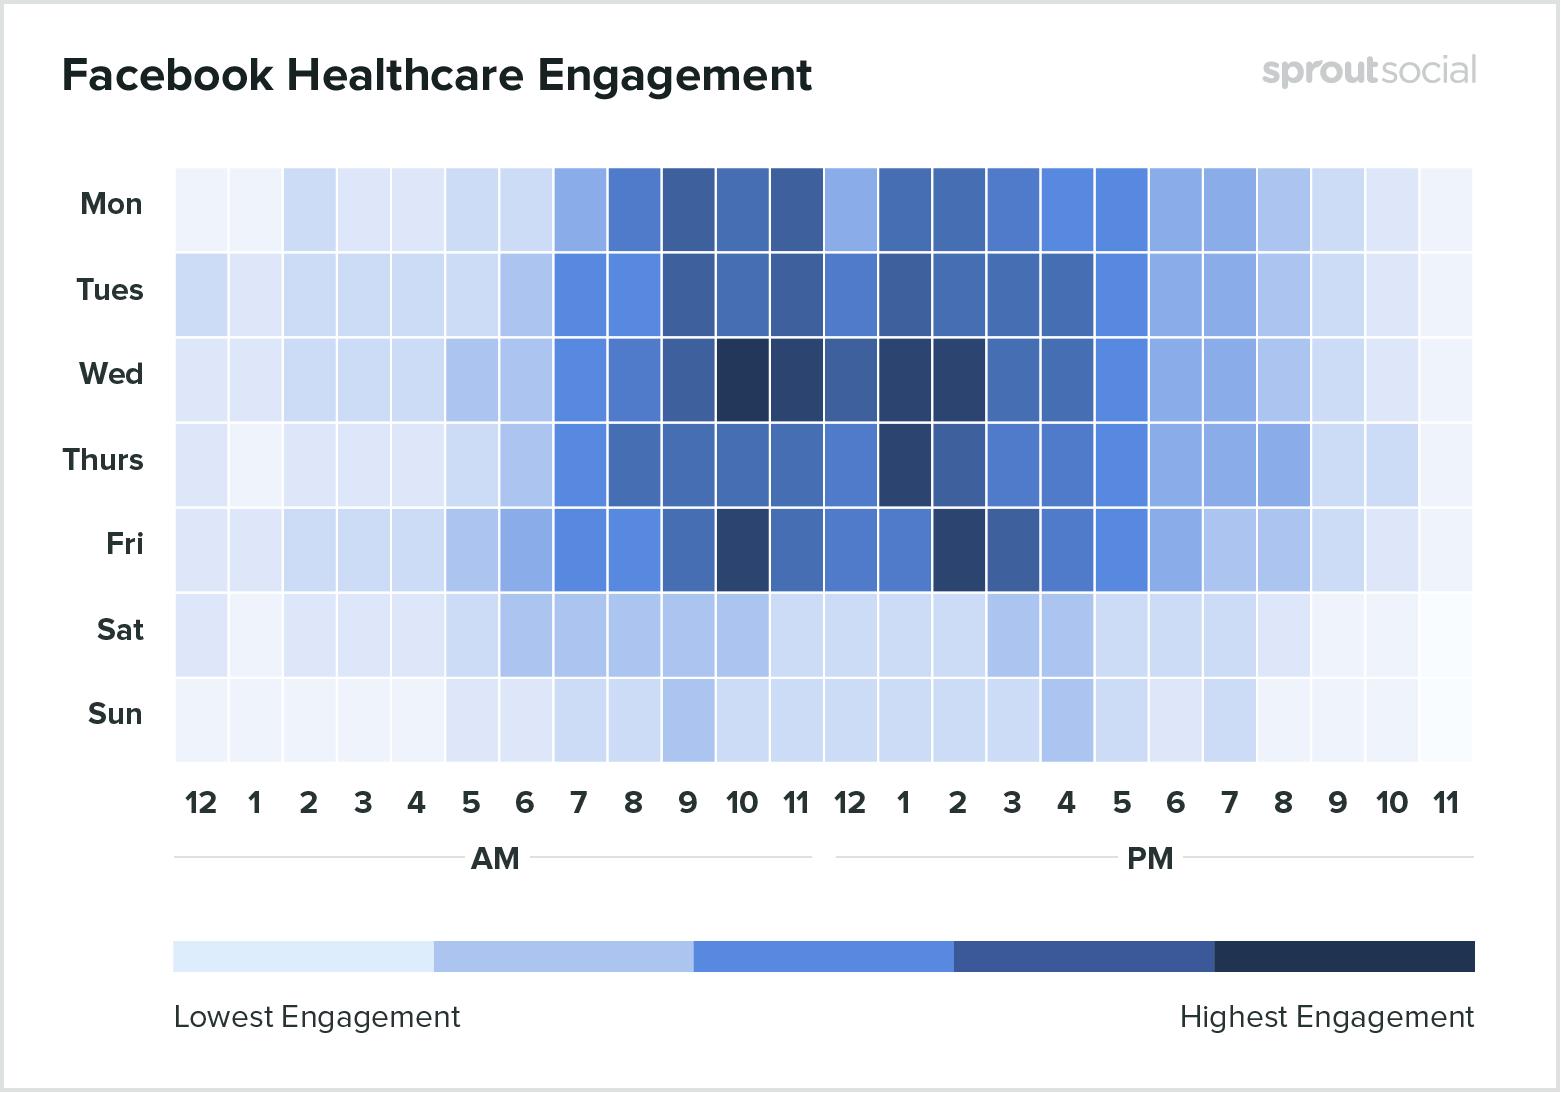 Лучшее время для публикации на Facebook в медицине - данные за 2020-й год